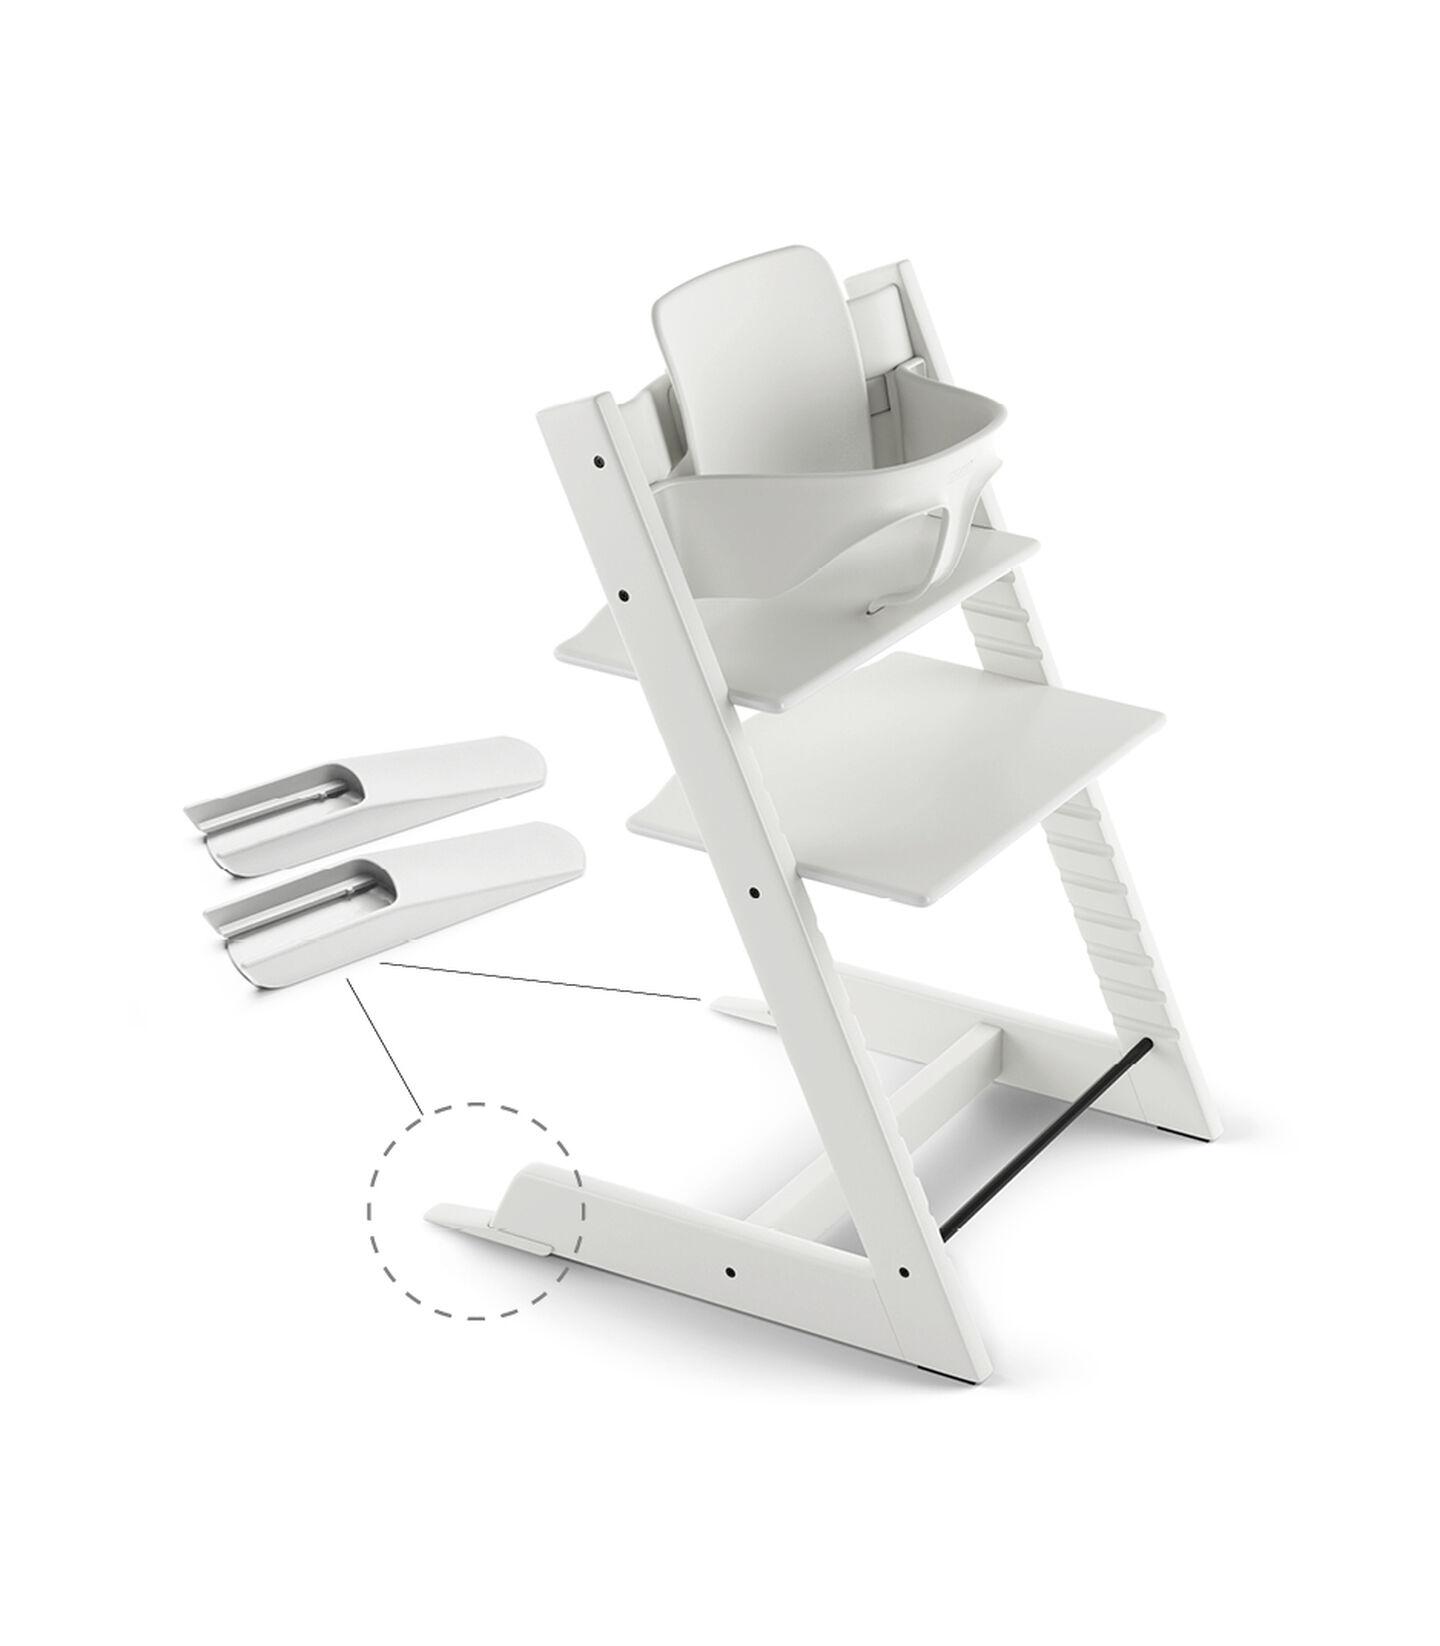 Tripp Trapp® Baby Set White, White, mainview view 2